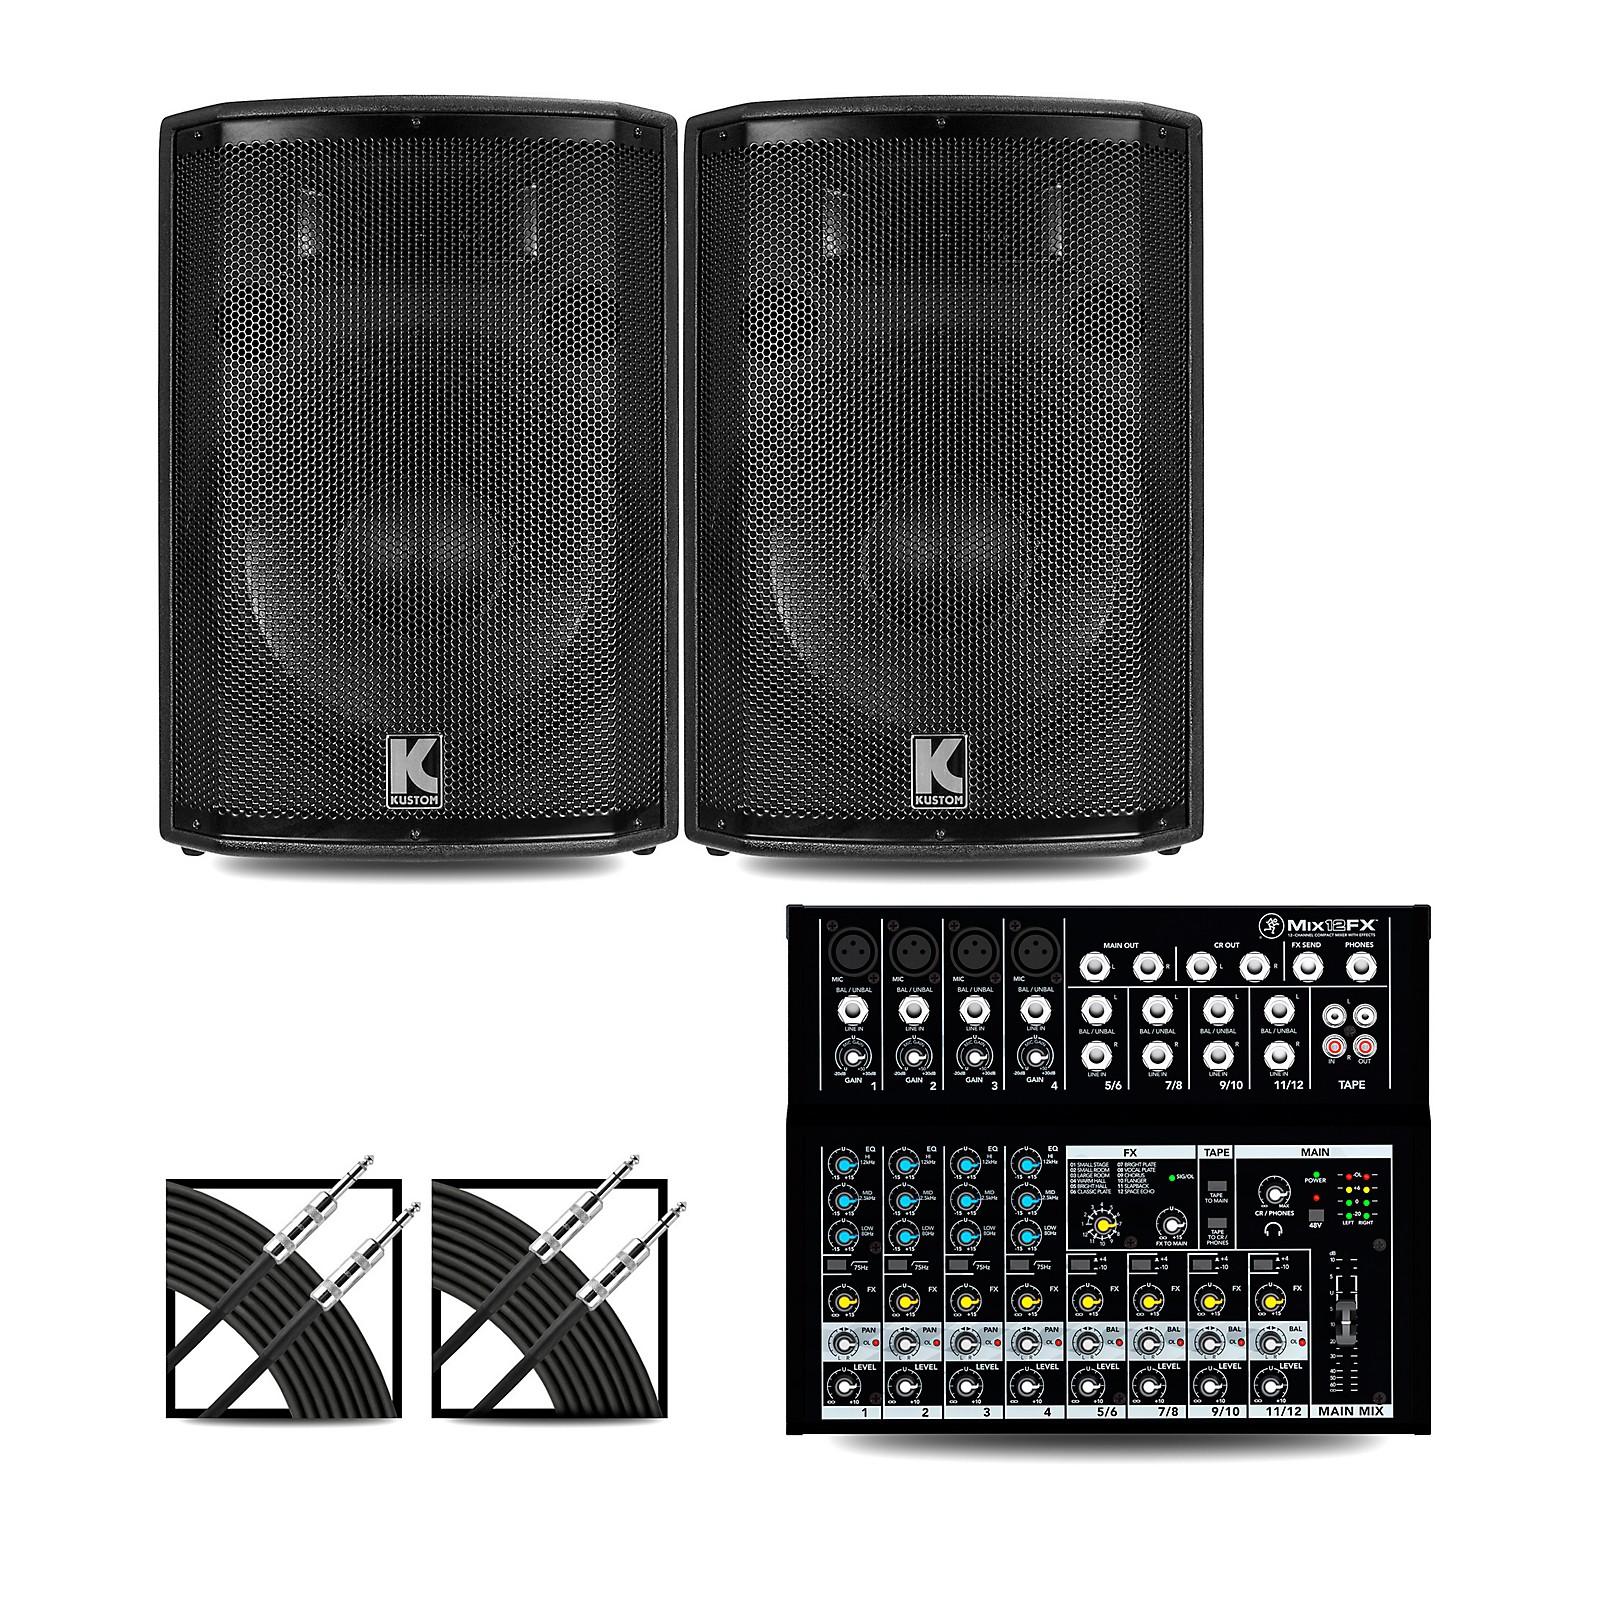 Mackie Mix12FX Mixer and Kustom HiPAC Speakers